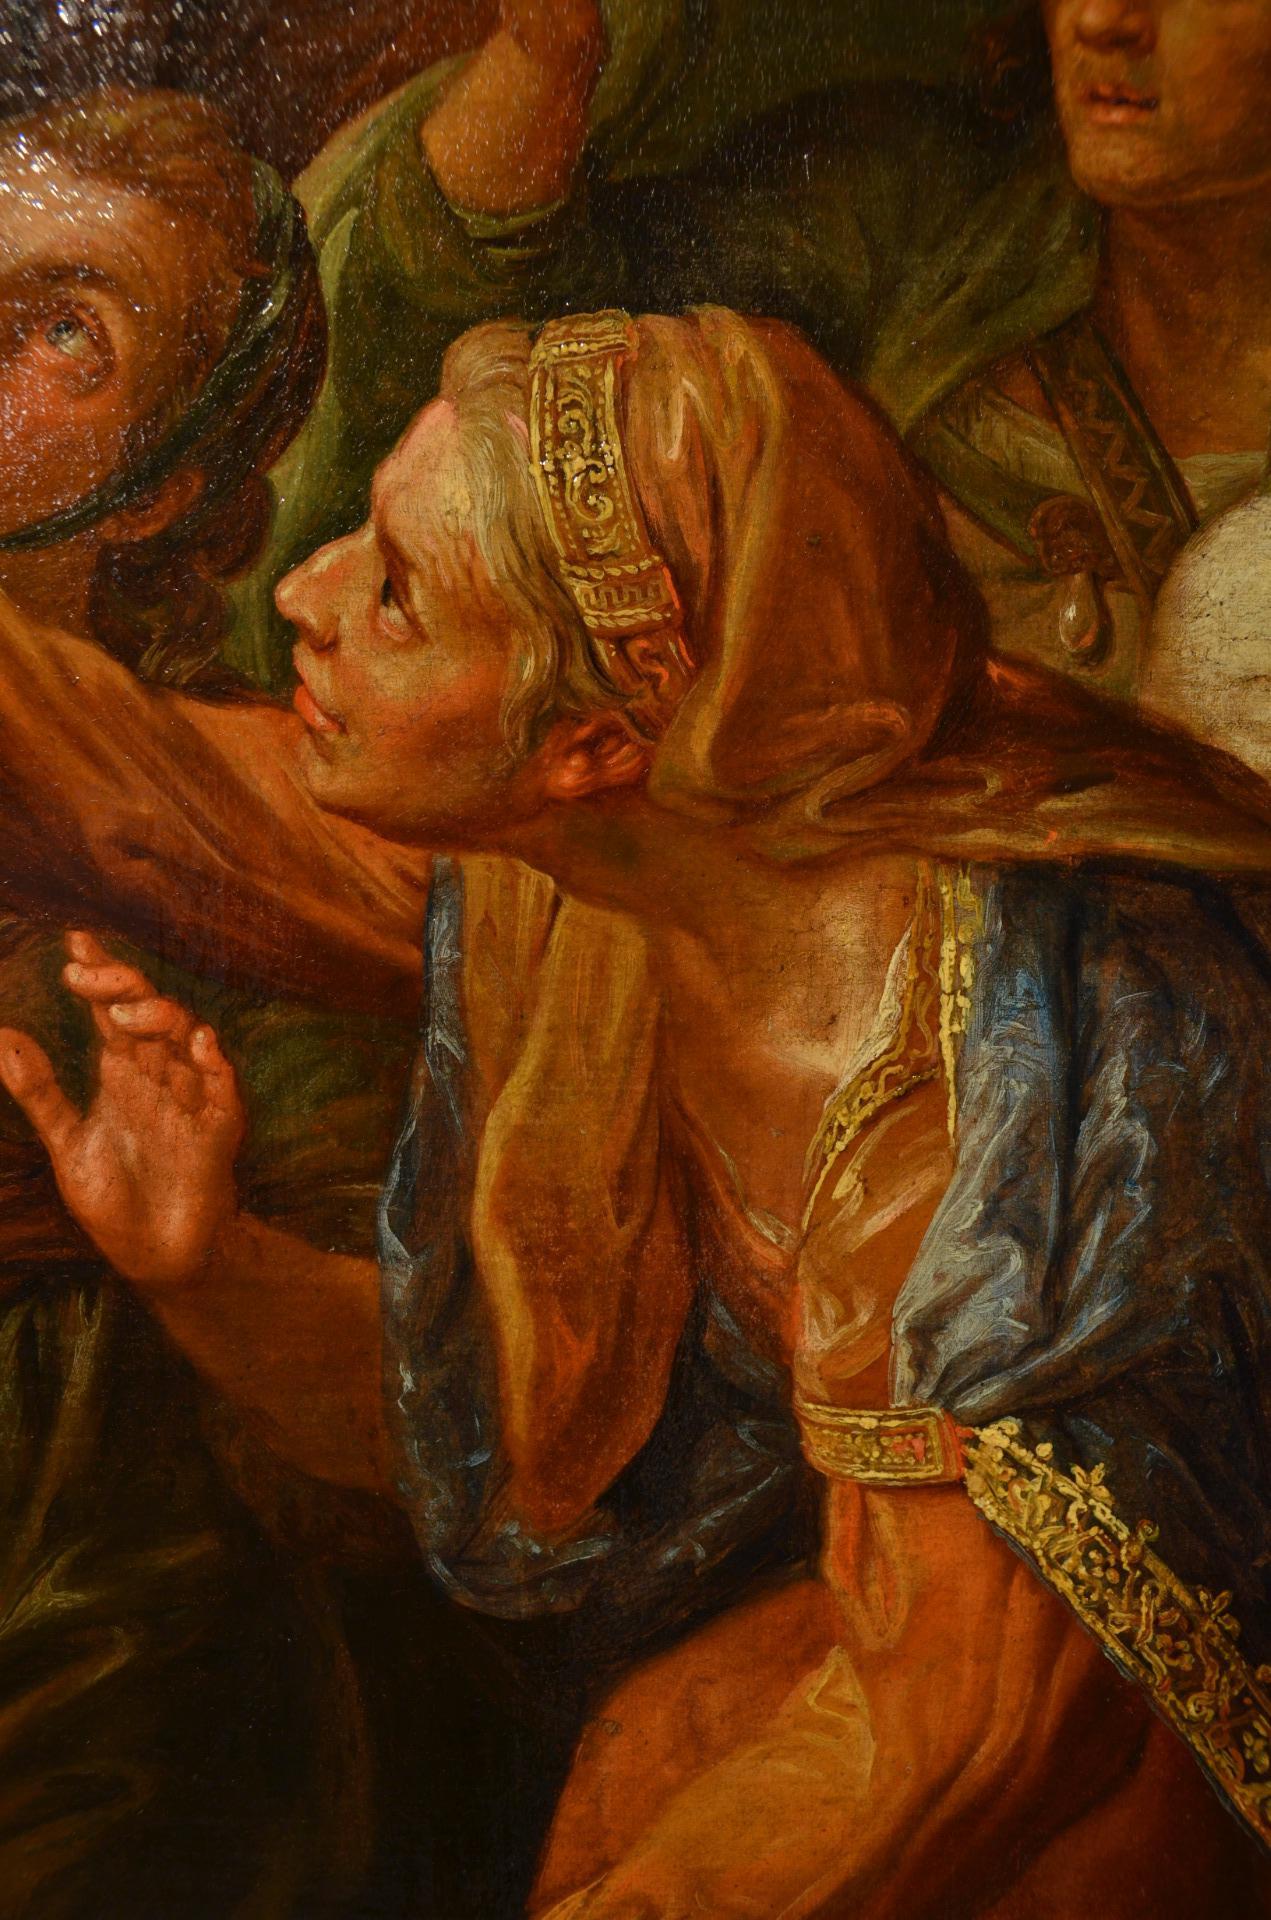 thumb10|Alessandro Magno visita la famiglia di Dario, Pompeo Girolamo Batoni (Lucca 1708 – Roma 1787) e bottega (VENDUTO)